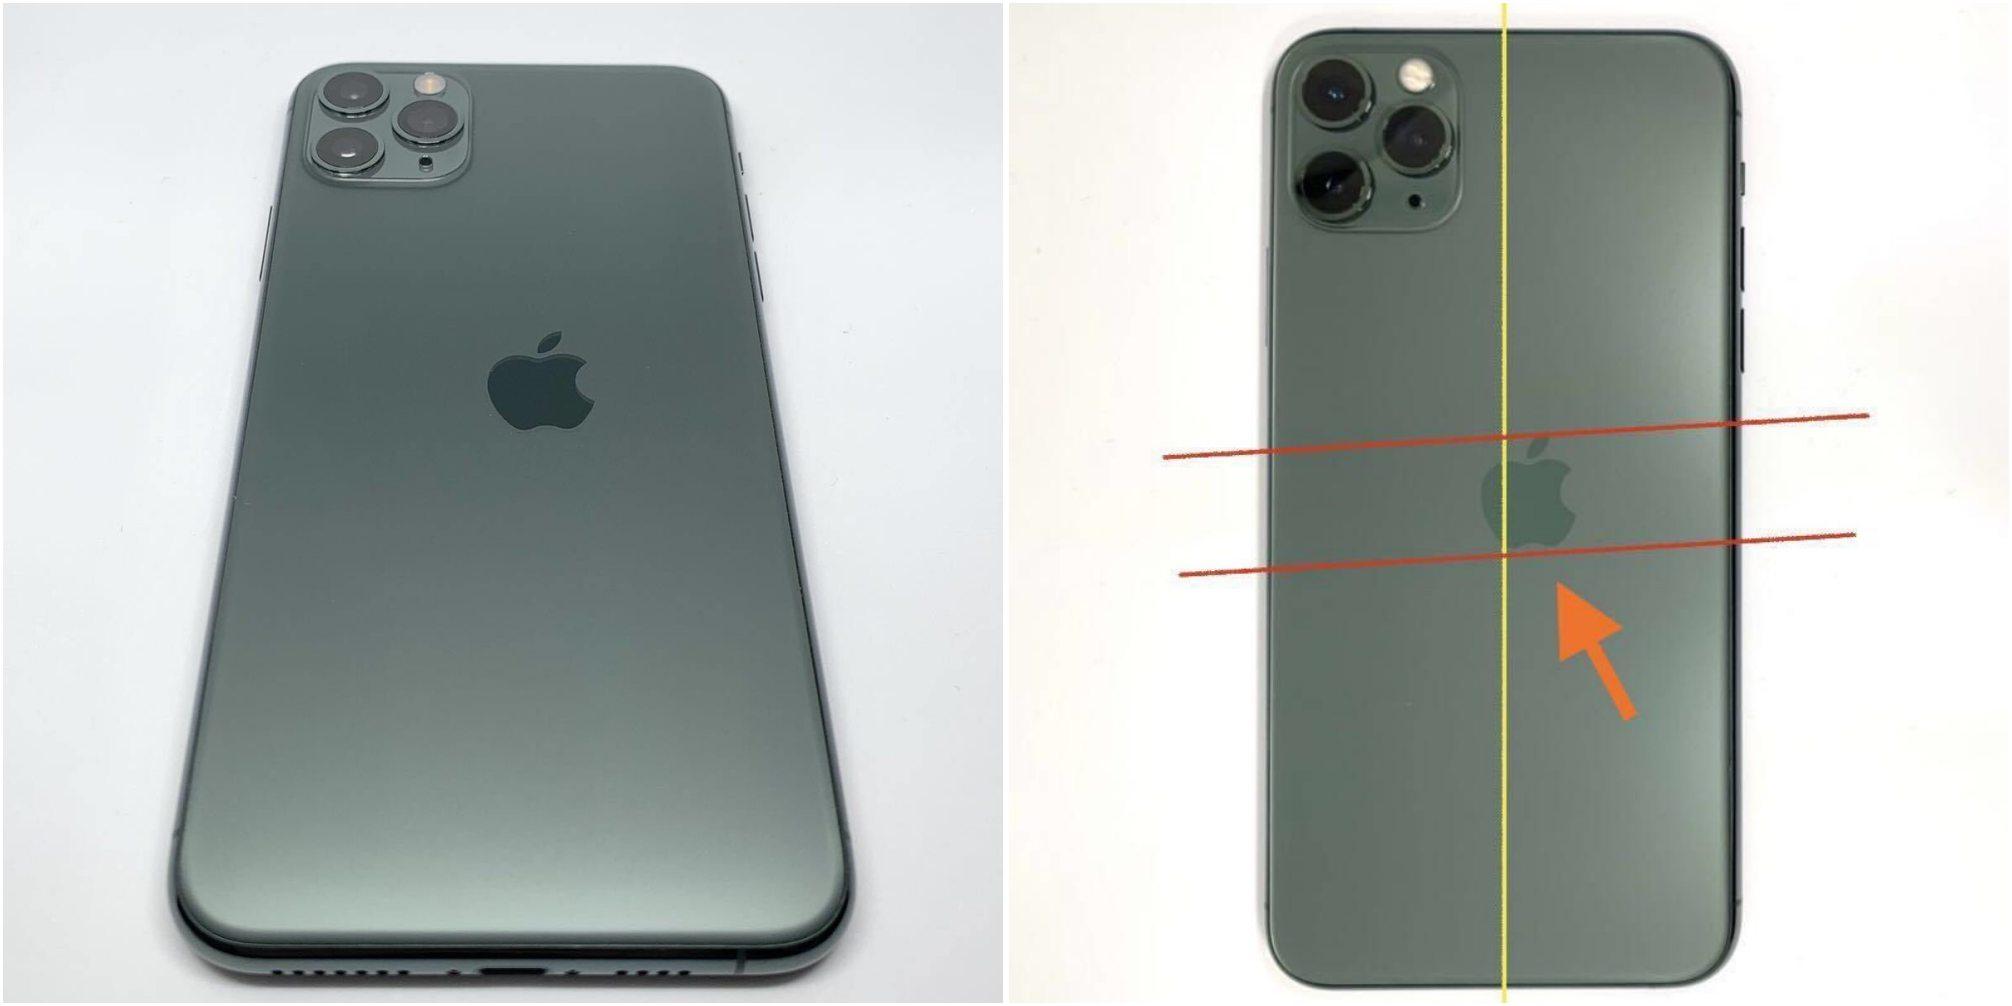 全球限量版iPhone 11 Pro 獨特Apple標誌偏移以高價售出1